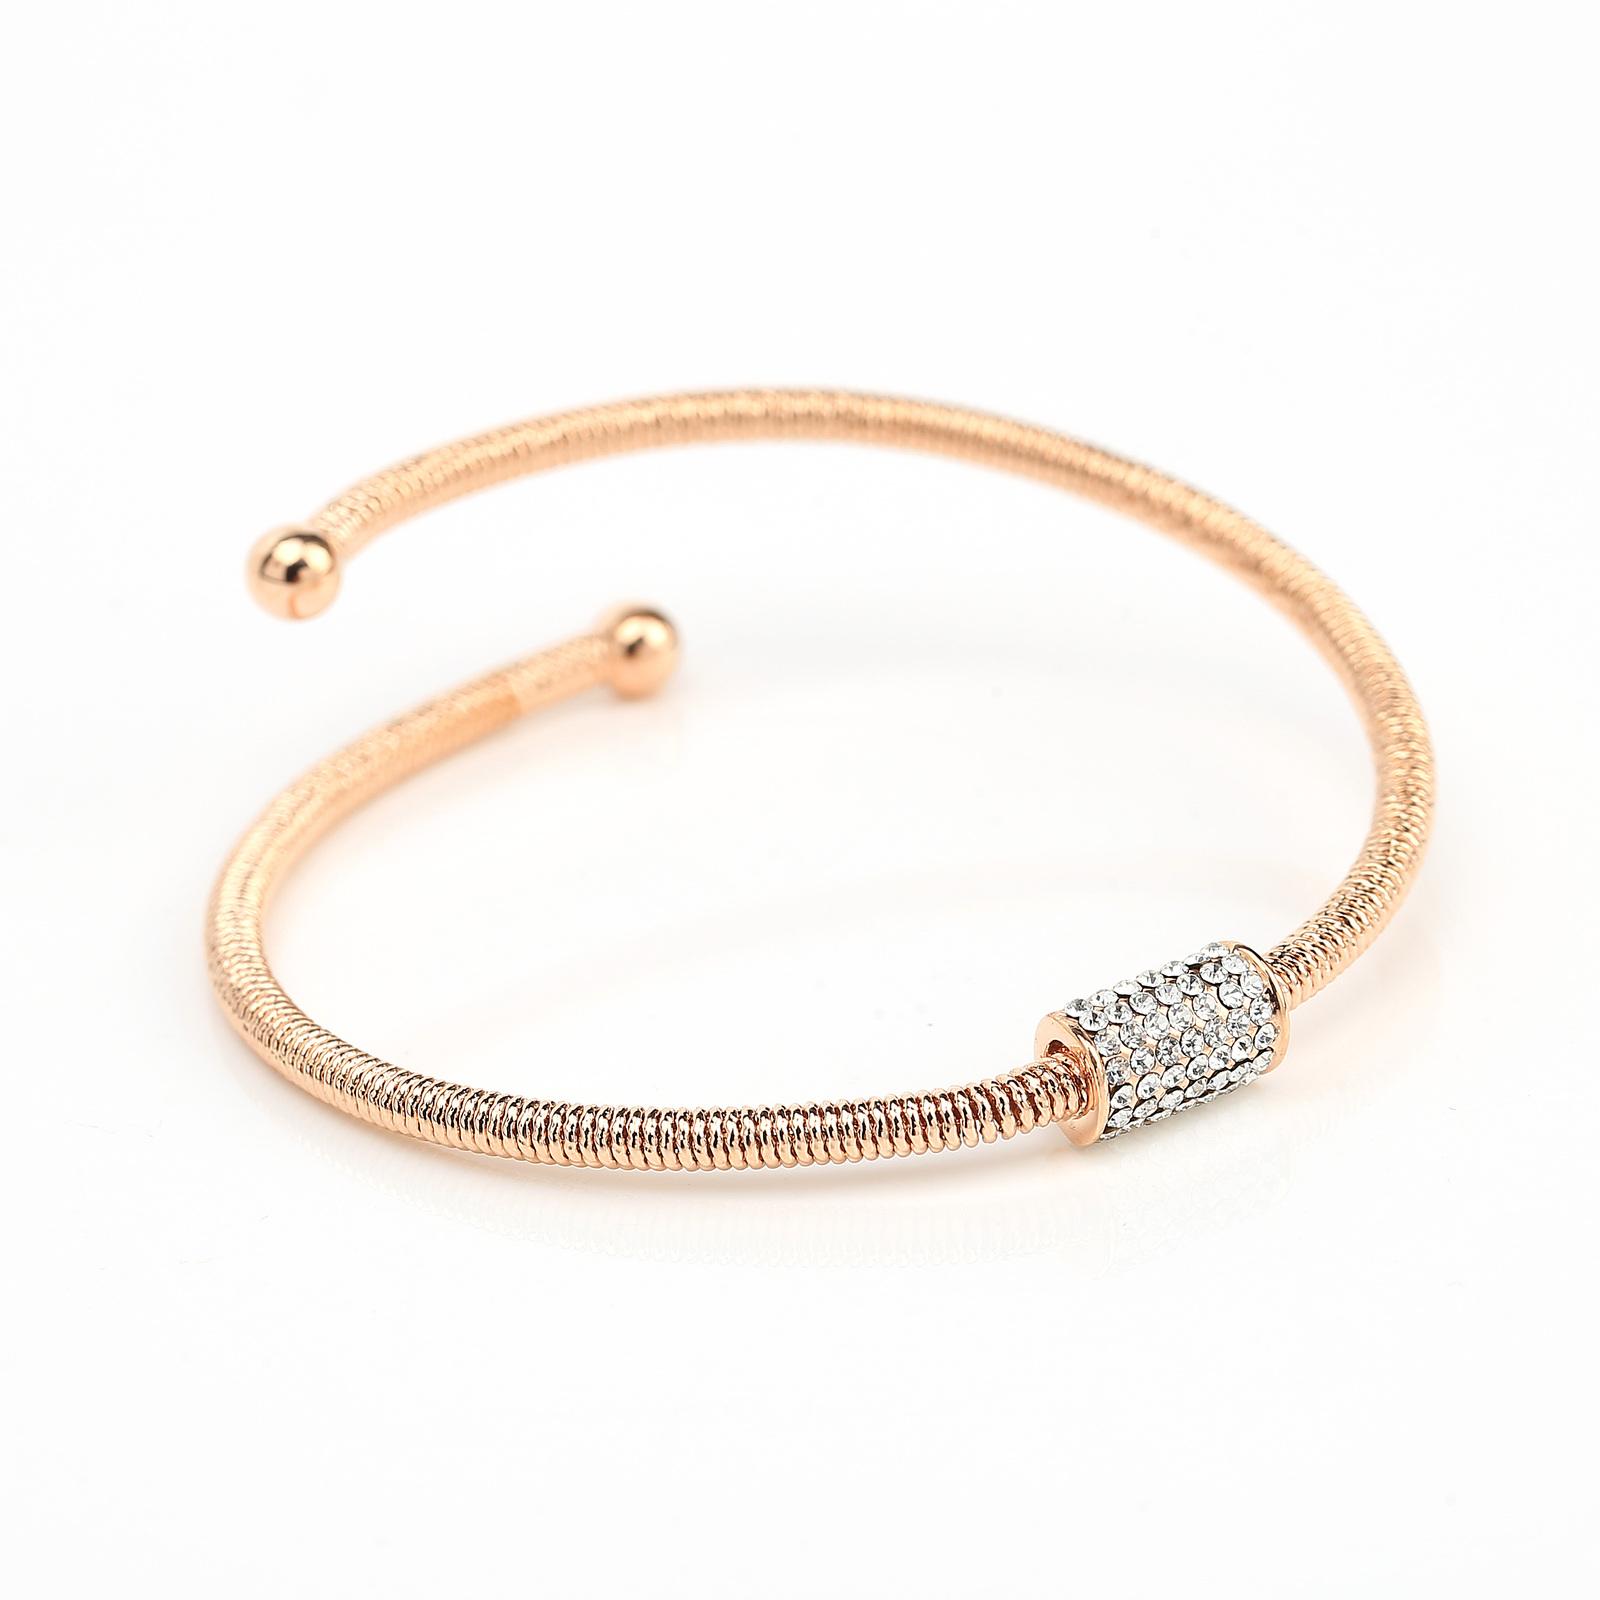 UE- Sleek Designer Rose Tone Wrap Bangle Bracelet With Swarovski Style Crystals